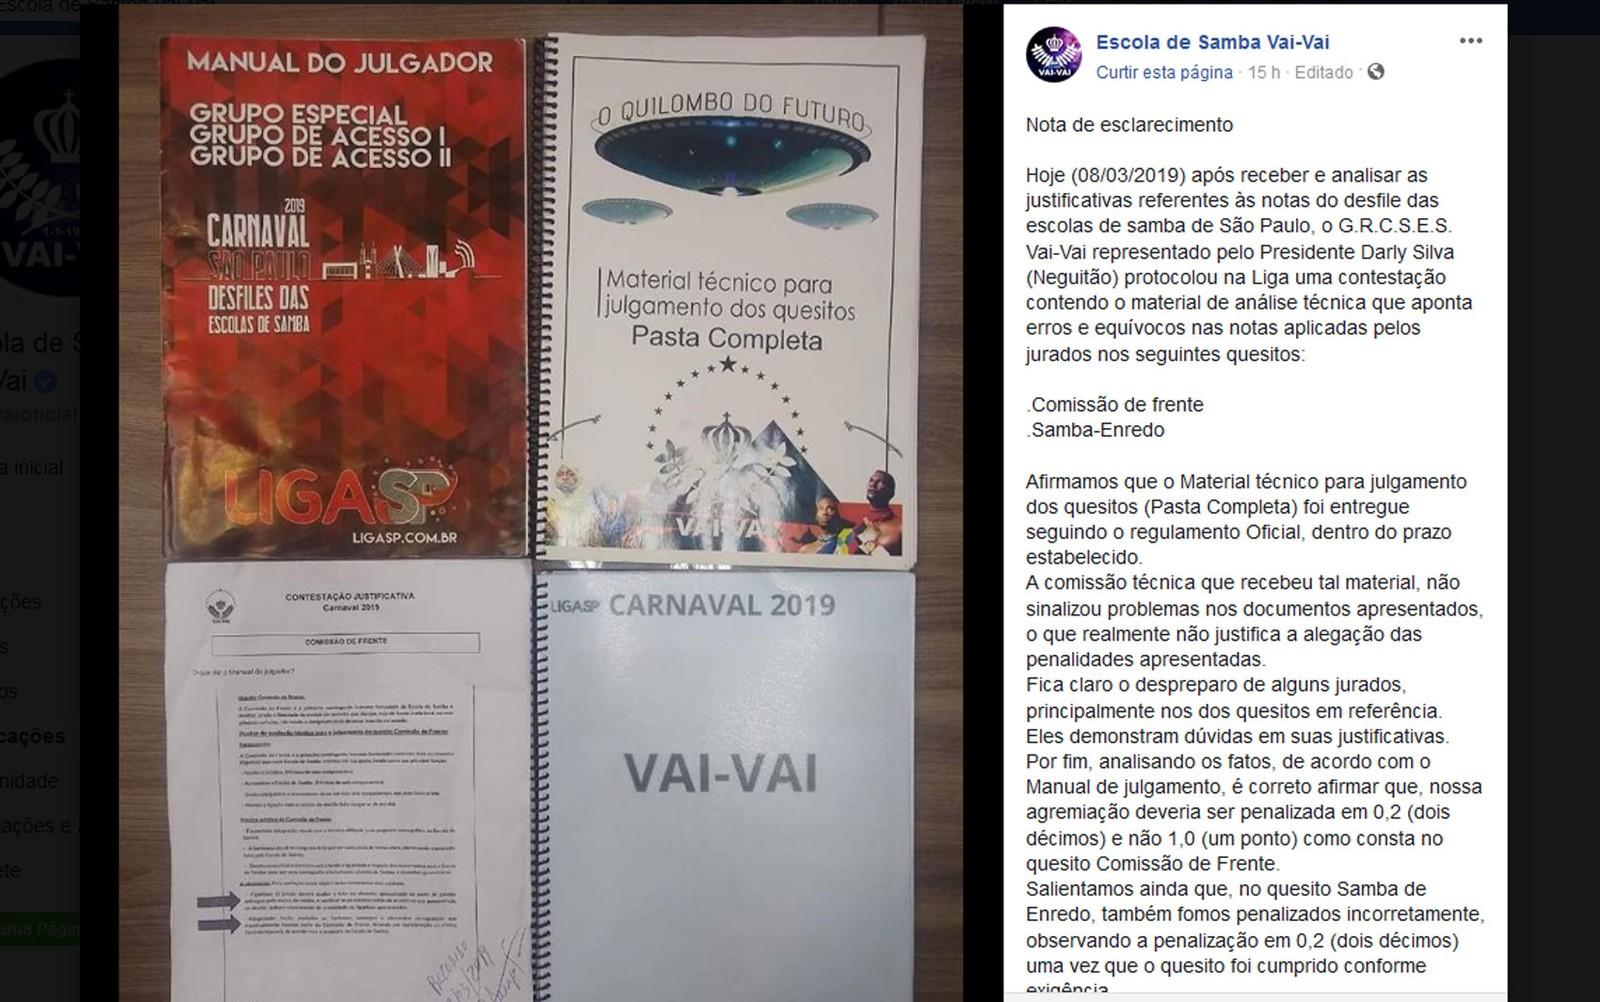 Vai-Vai contesta em recurso à Liga SP as notas que rebaixaram escola no carnaval de São Paulo